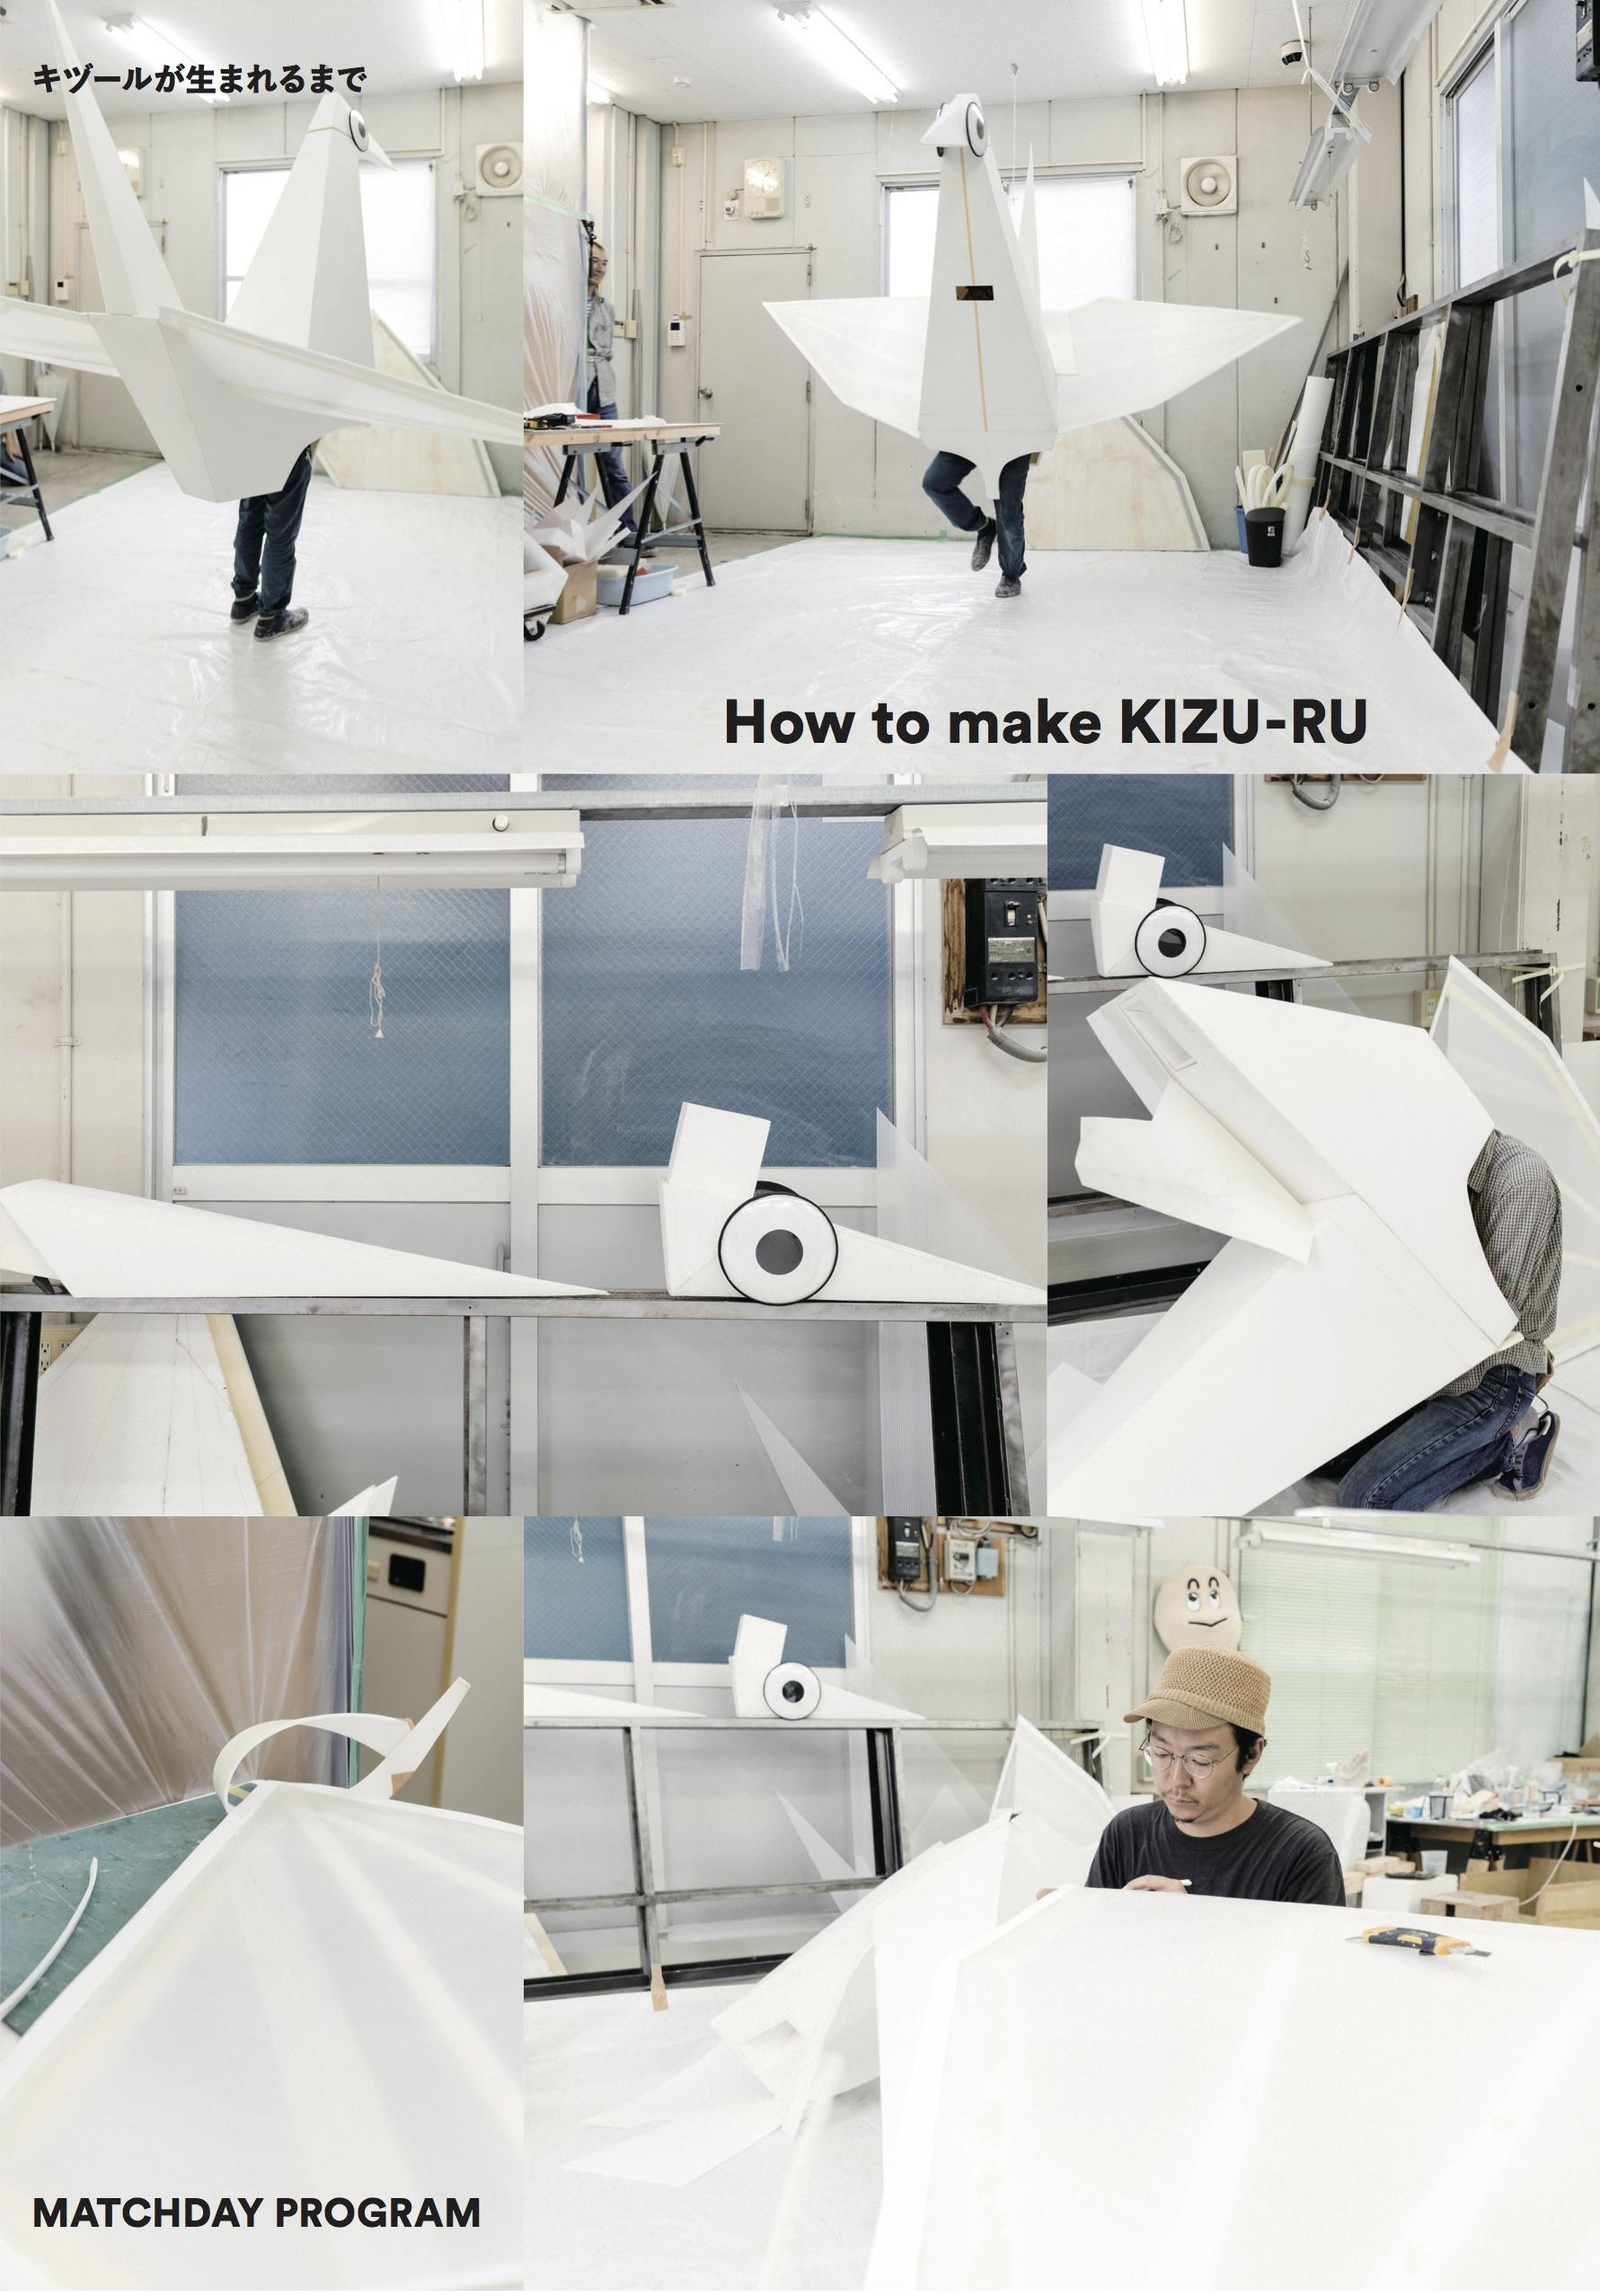 How to make KIZU-RU